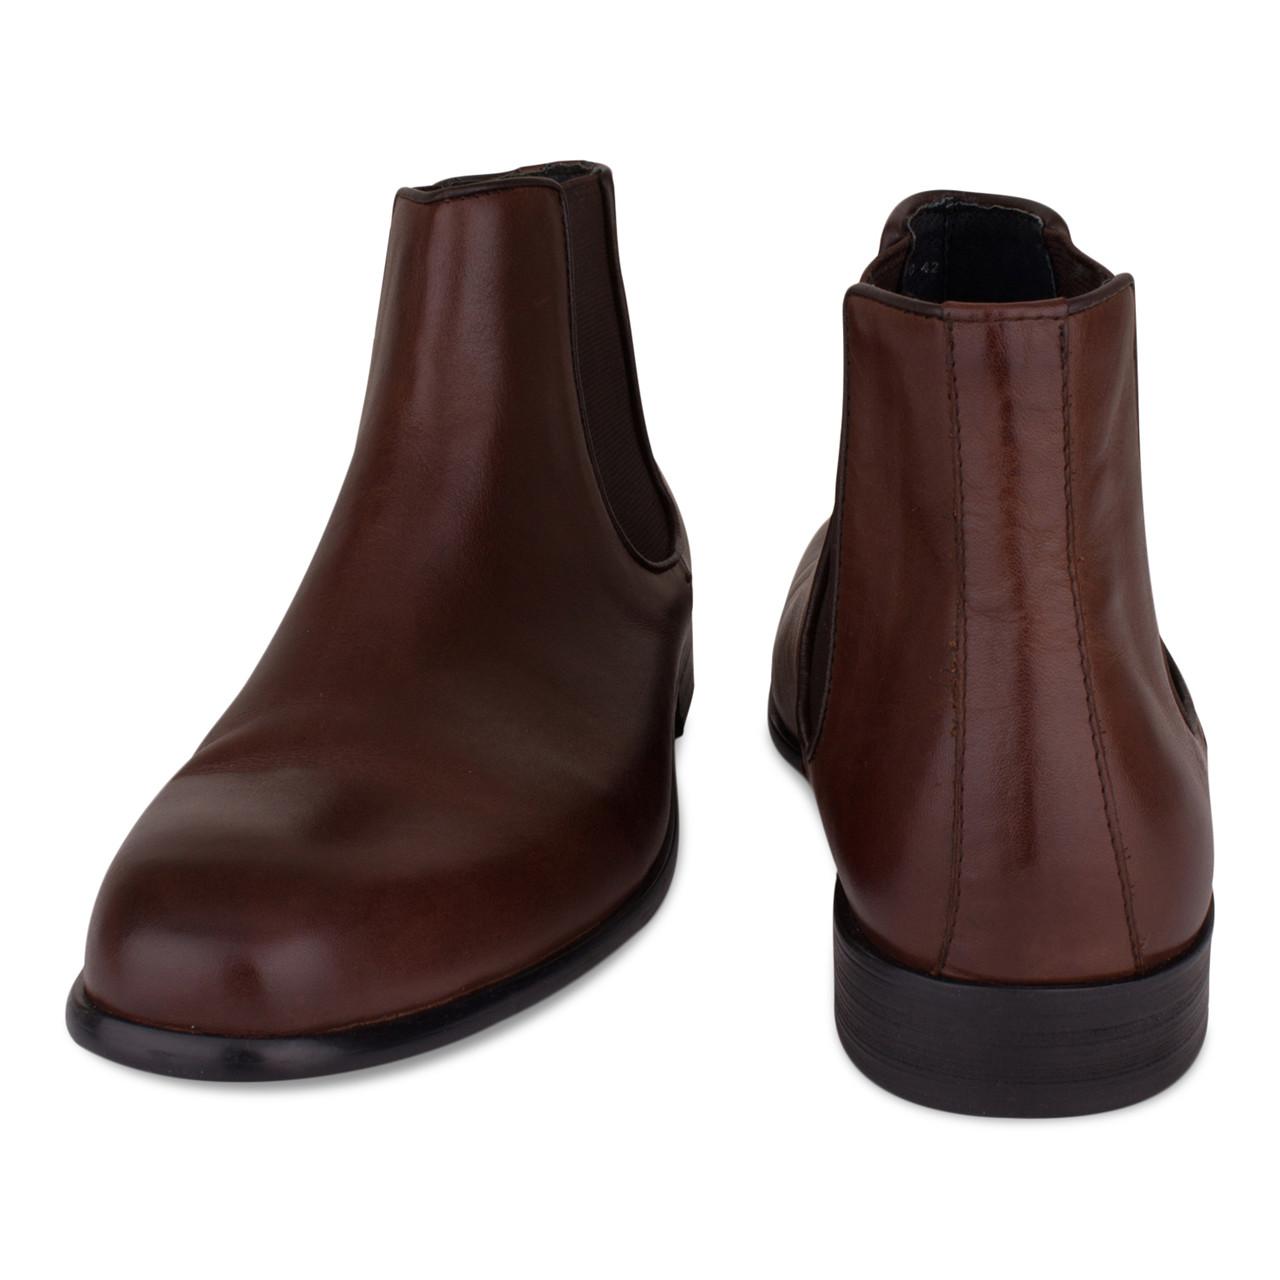 f75c3e9270d Tga Boot Fra Chelsea Fashiondeluxe dk Køb I 1092 Brun Nu På Flot tq4SpwHxH